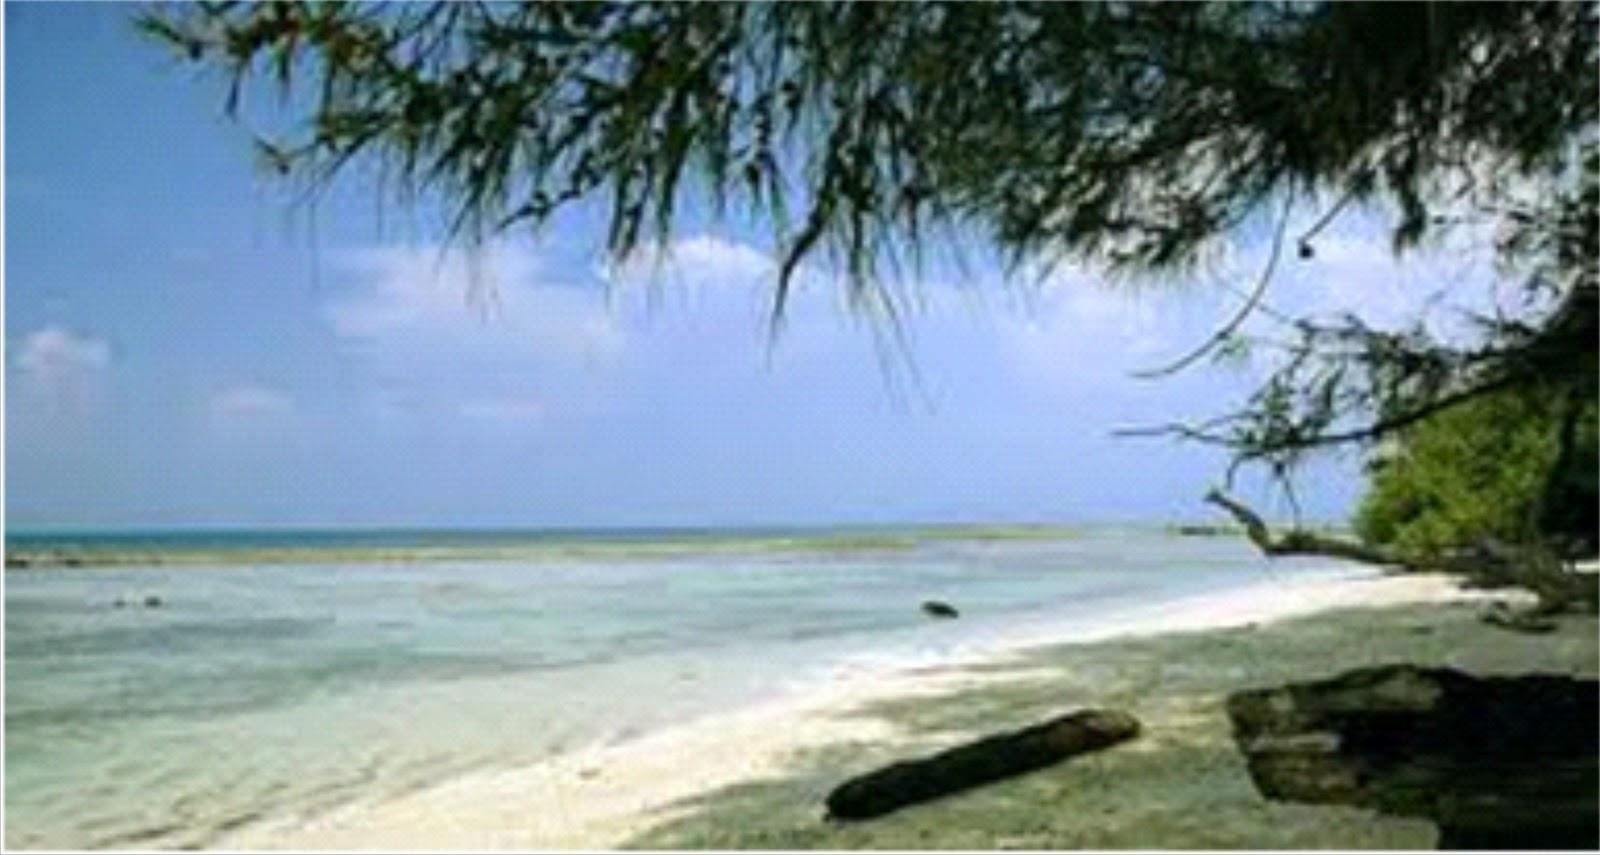 Tourist attractions in Banten